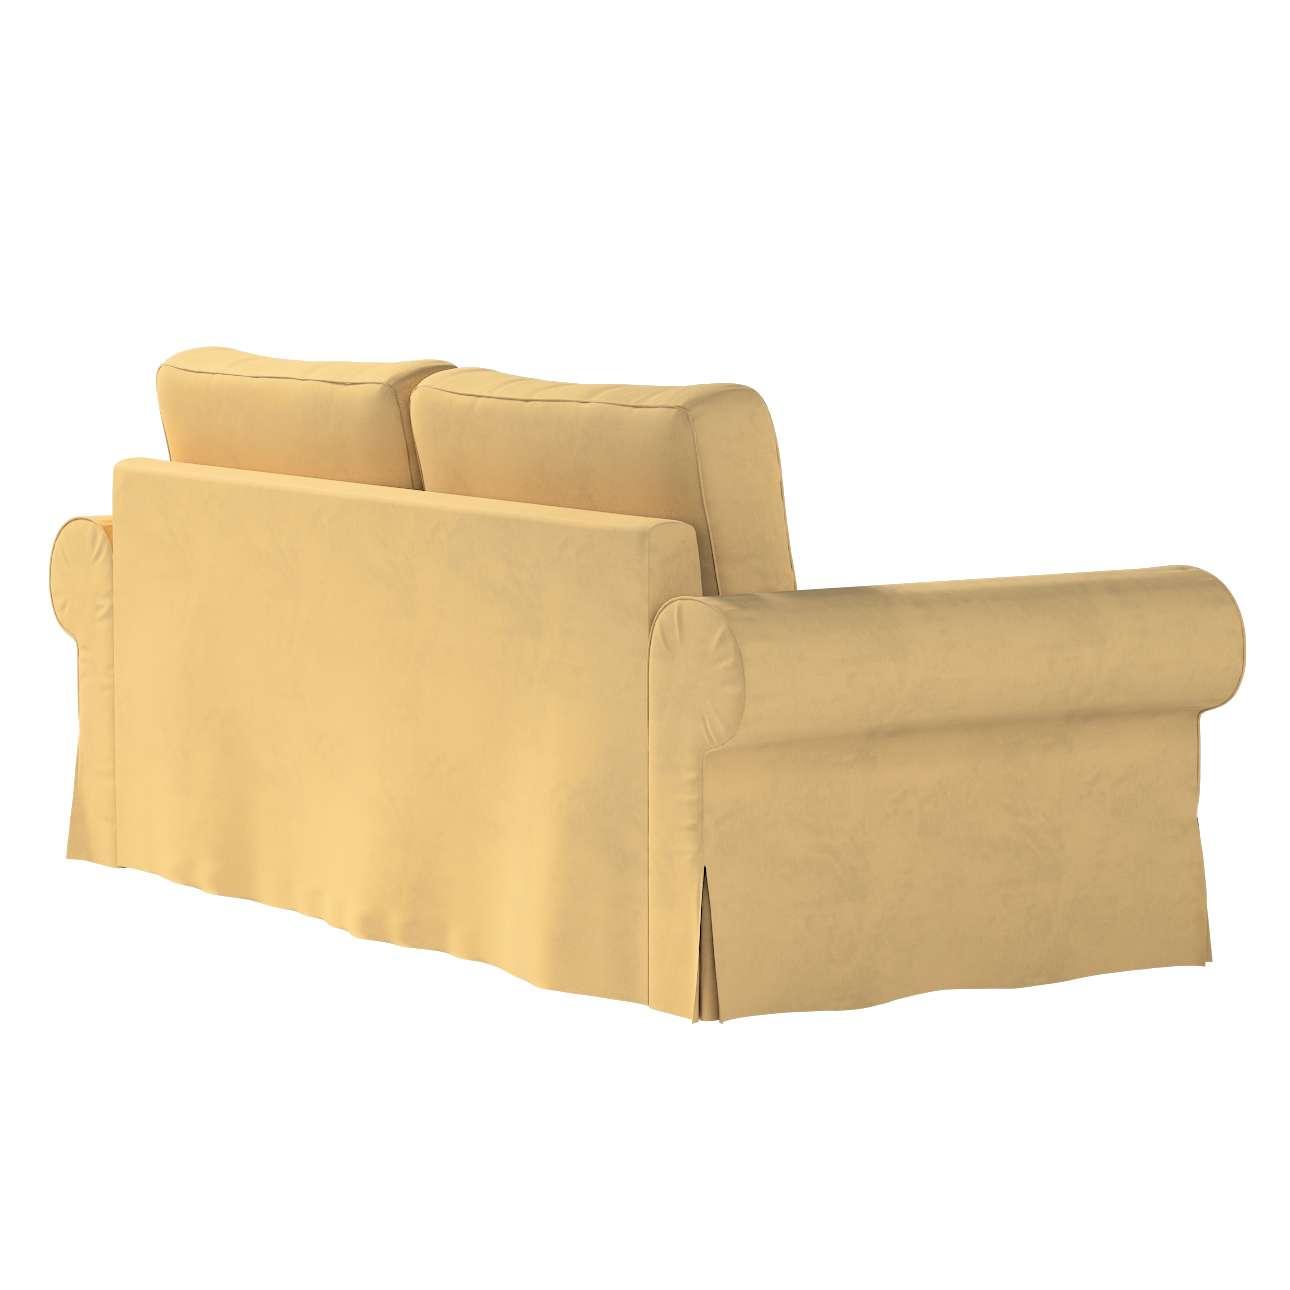 Bezug für Backabro 3-Sitzer Sofa ausklappbar von der Kollektion Living II, Stoff: 160-93